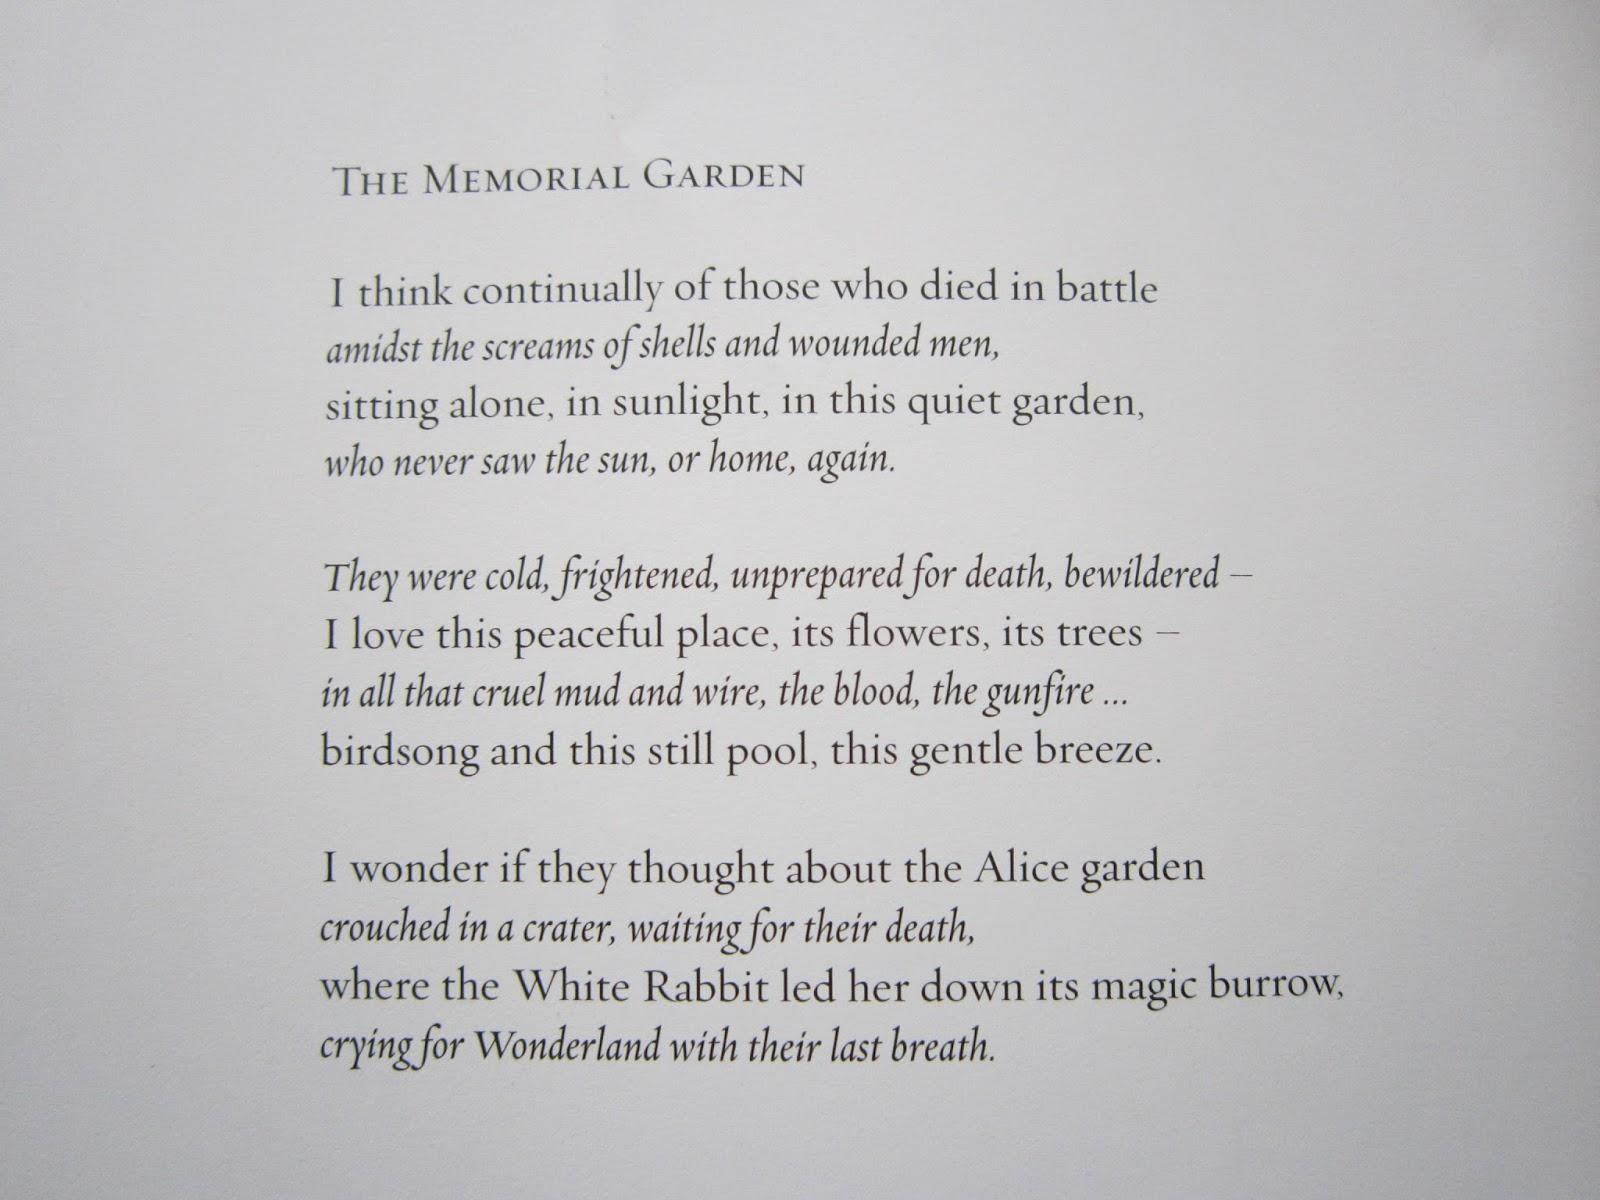 milan kundera poems